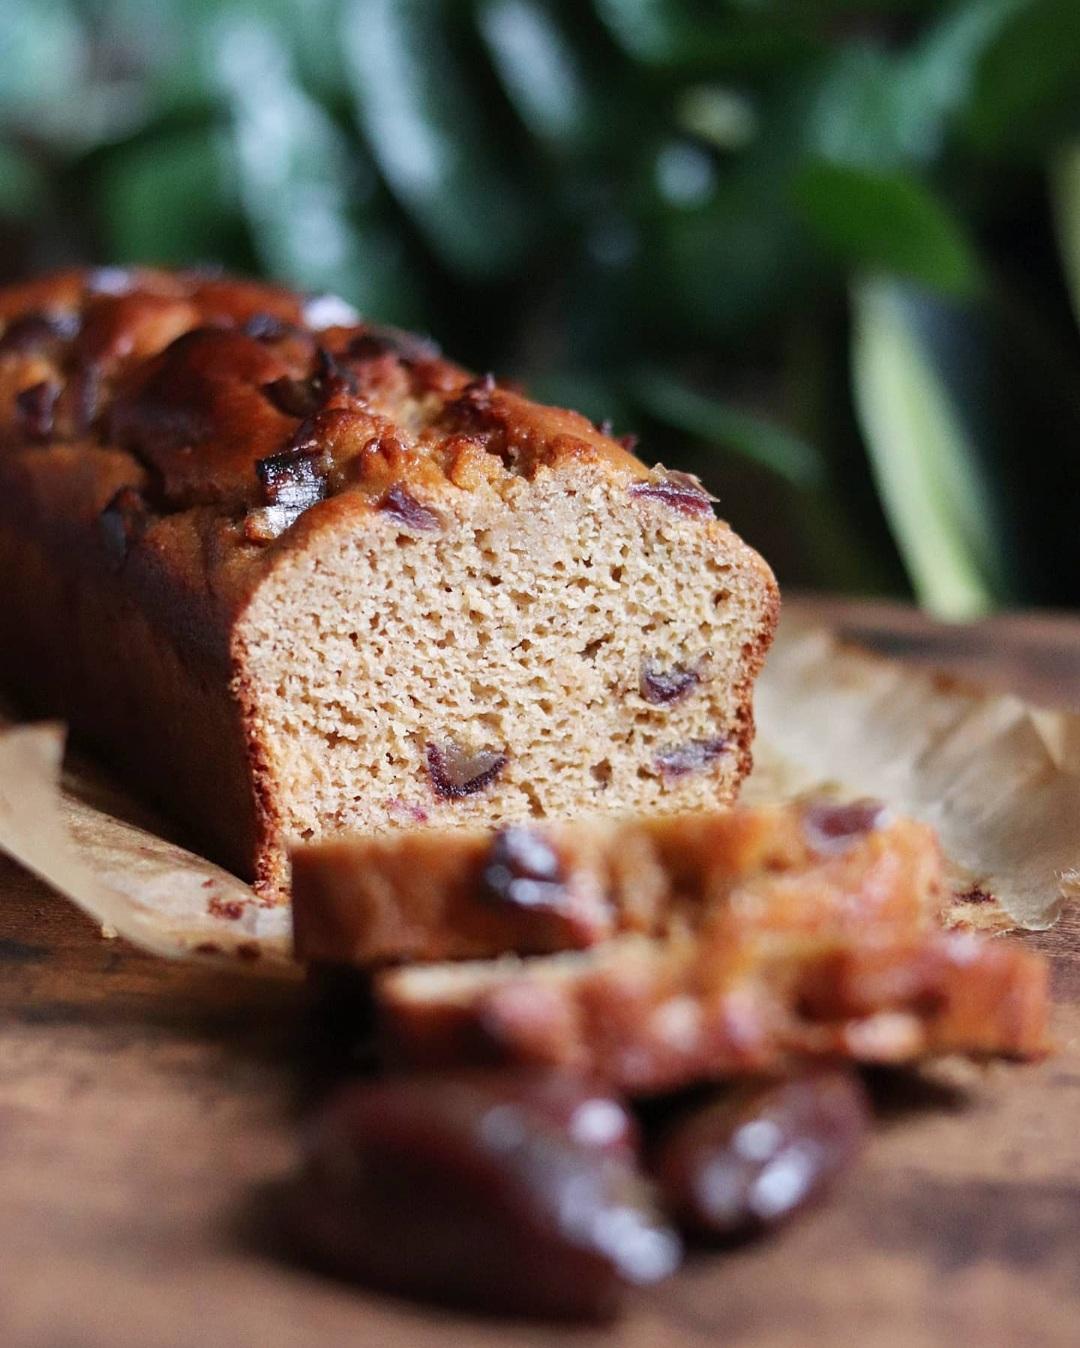 Cake moelleux aux dattes, miel, cannelle, gingembre, amande et fleur d'oranger. Sans sucres ajoutés, sans MG